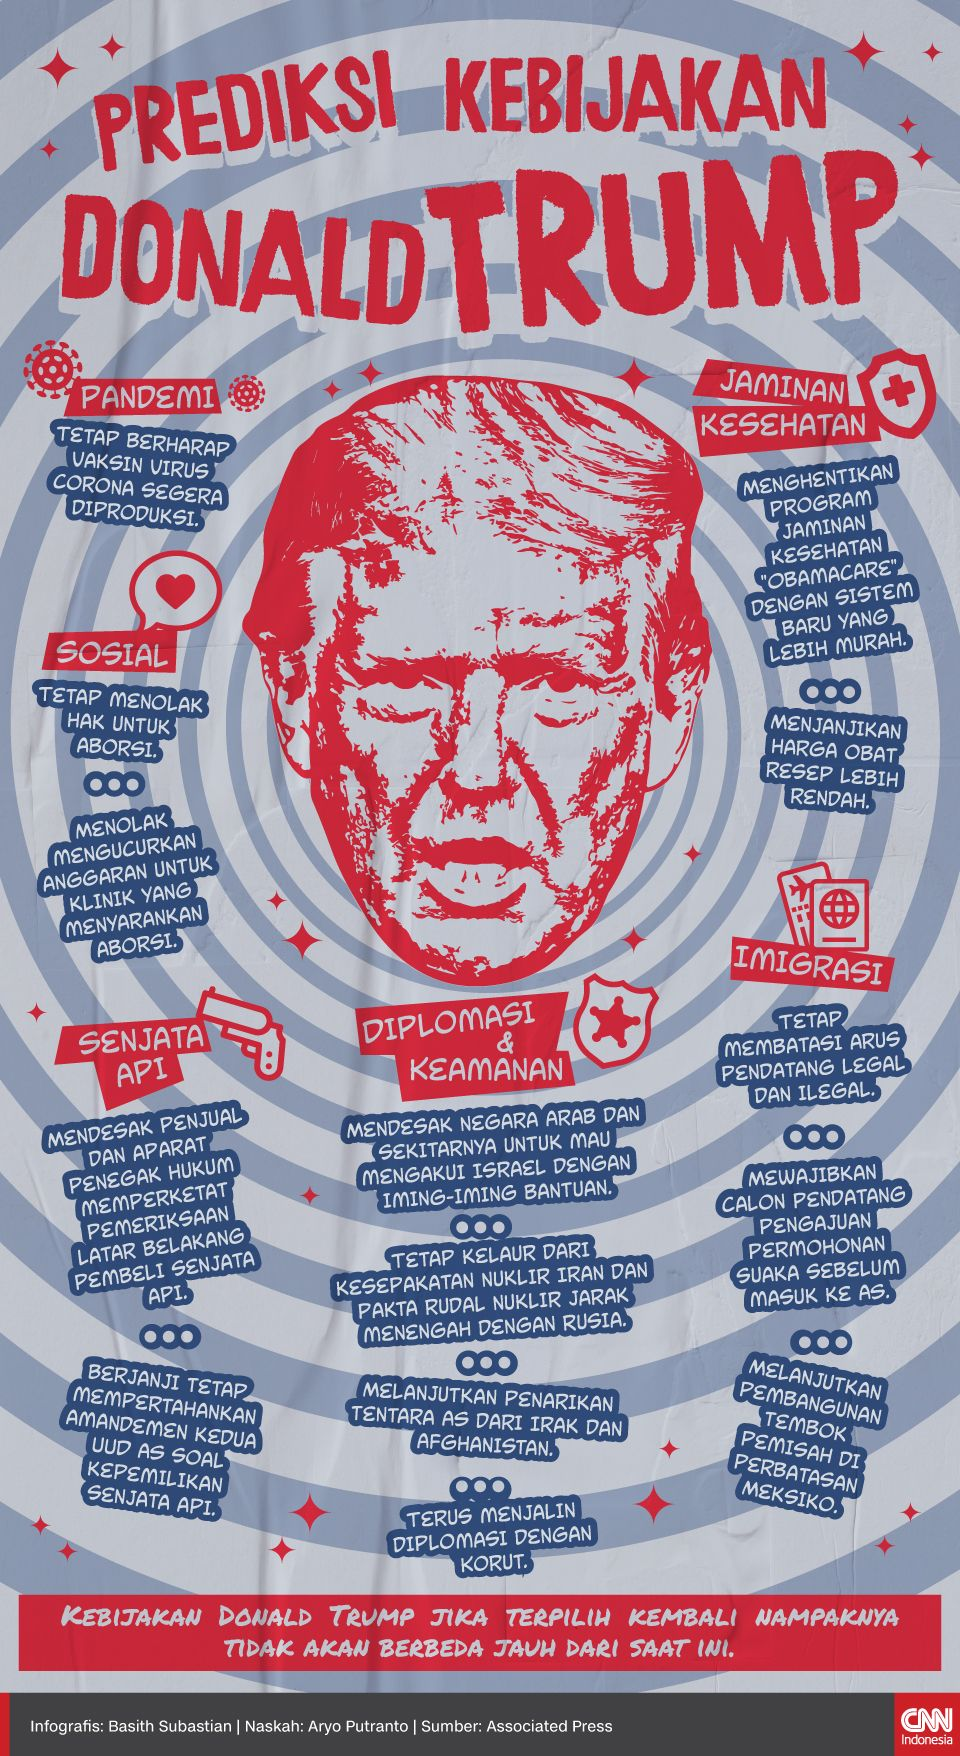 Infografis Prediksi Kebijakan Donald Trump